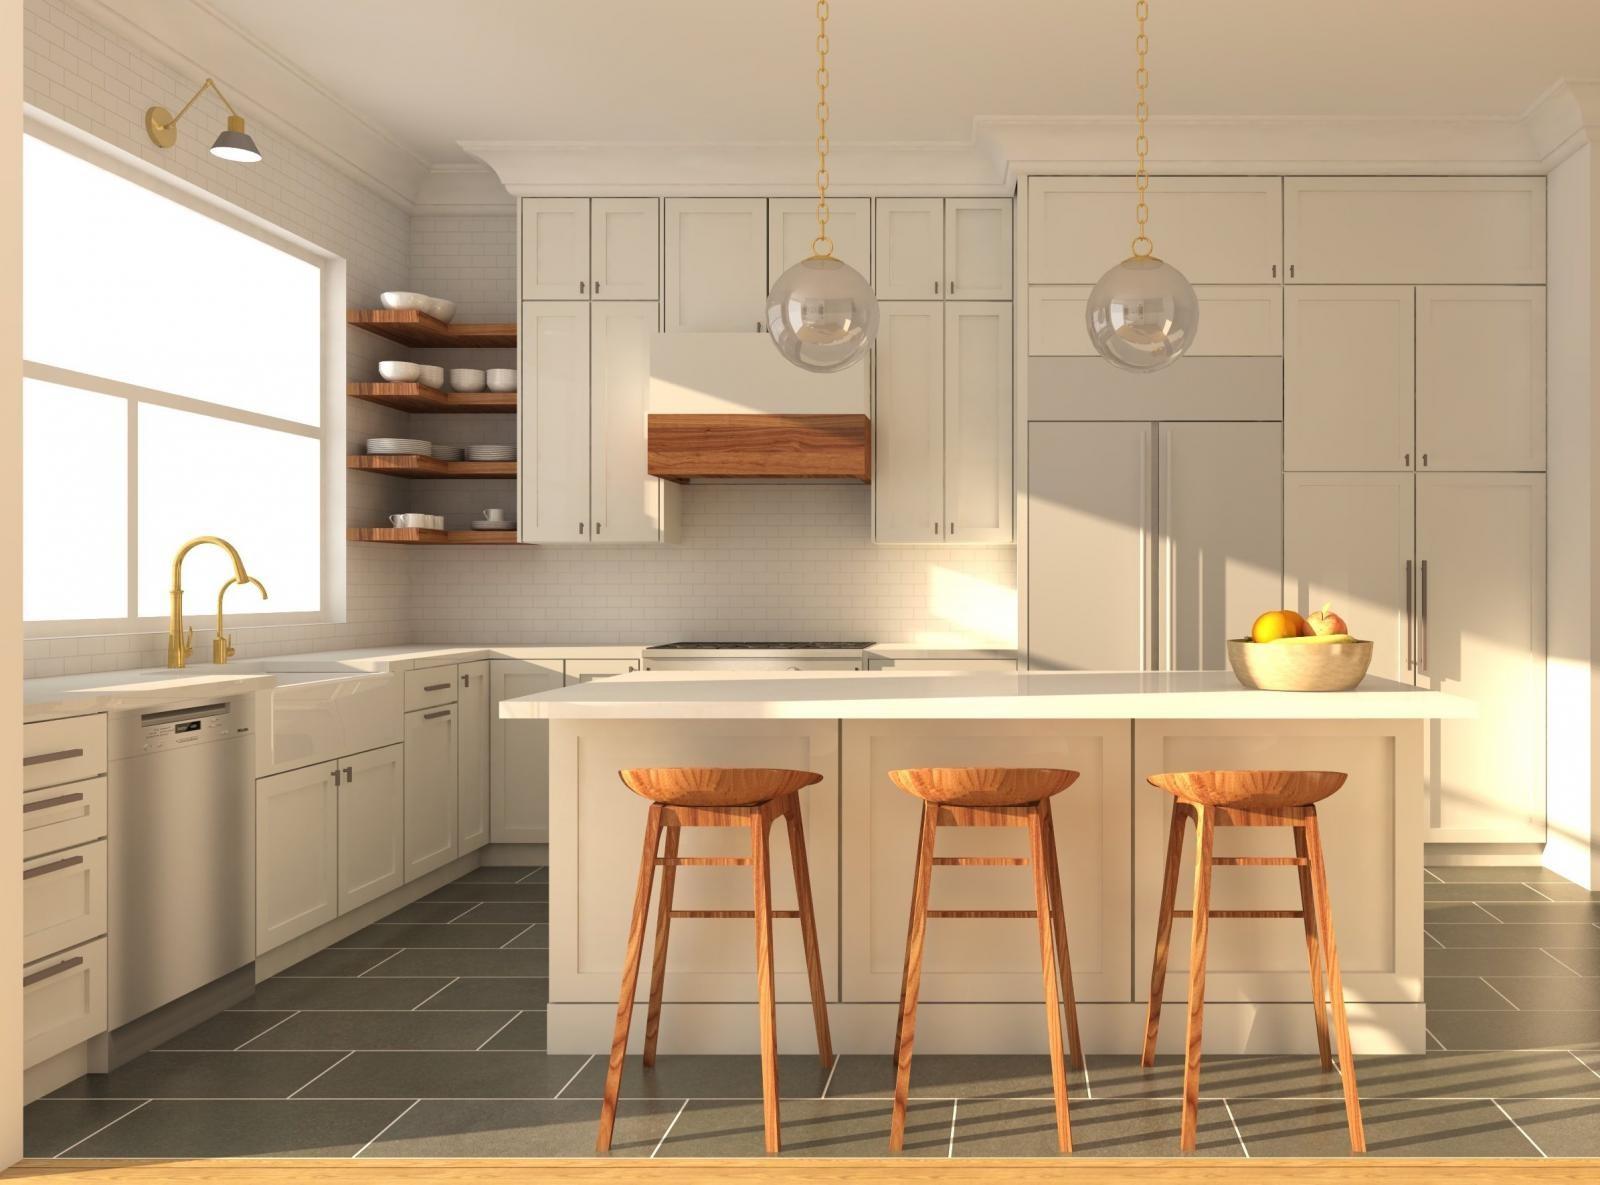 Cozinha Modelada no SketchUp Pro e Renderizada com V-Ray